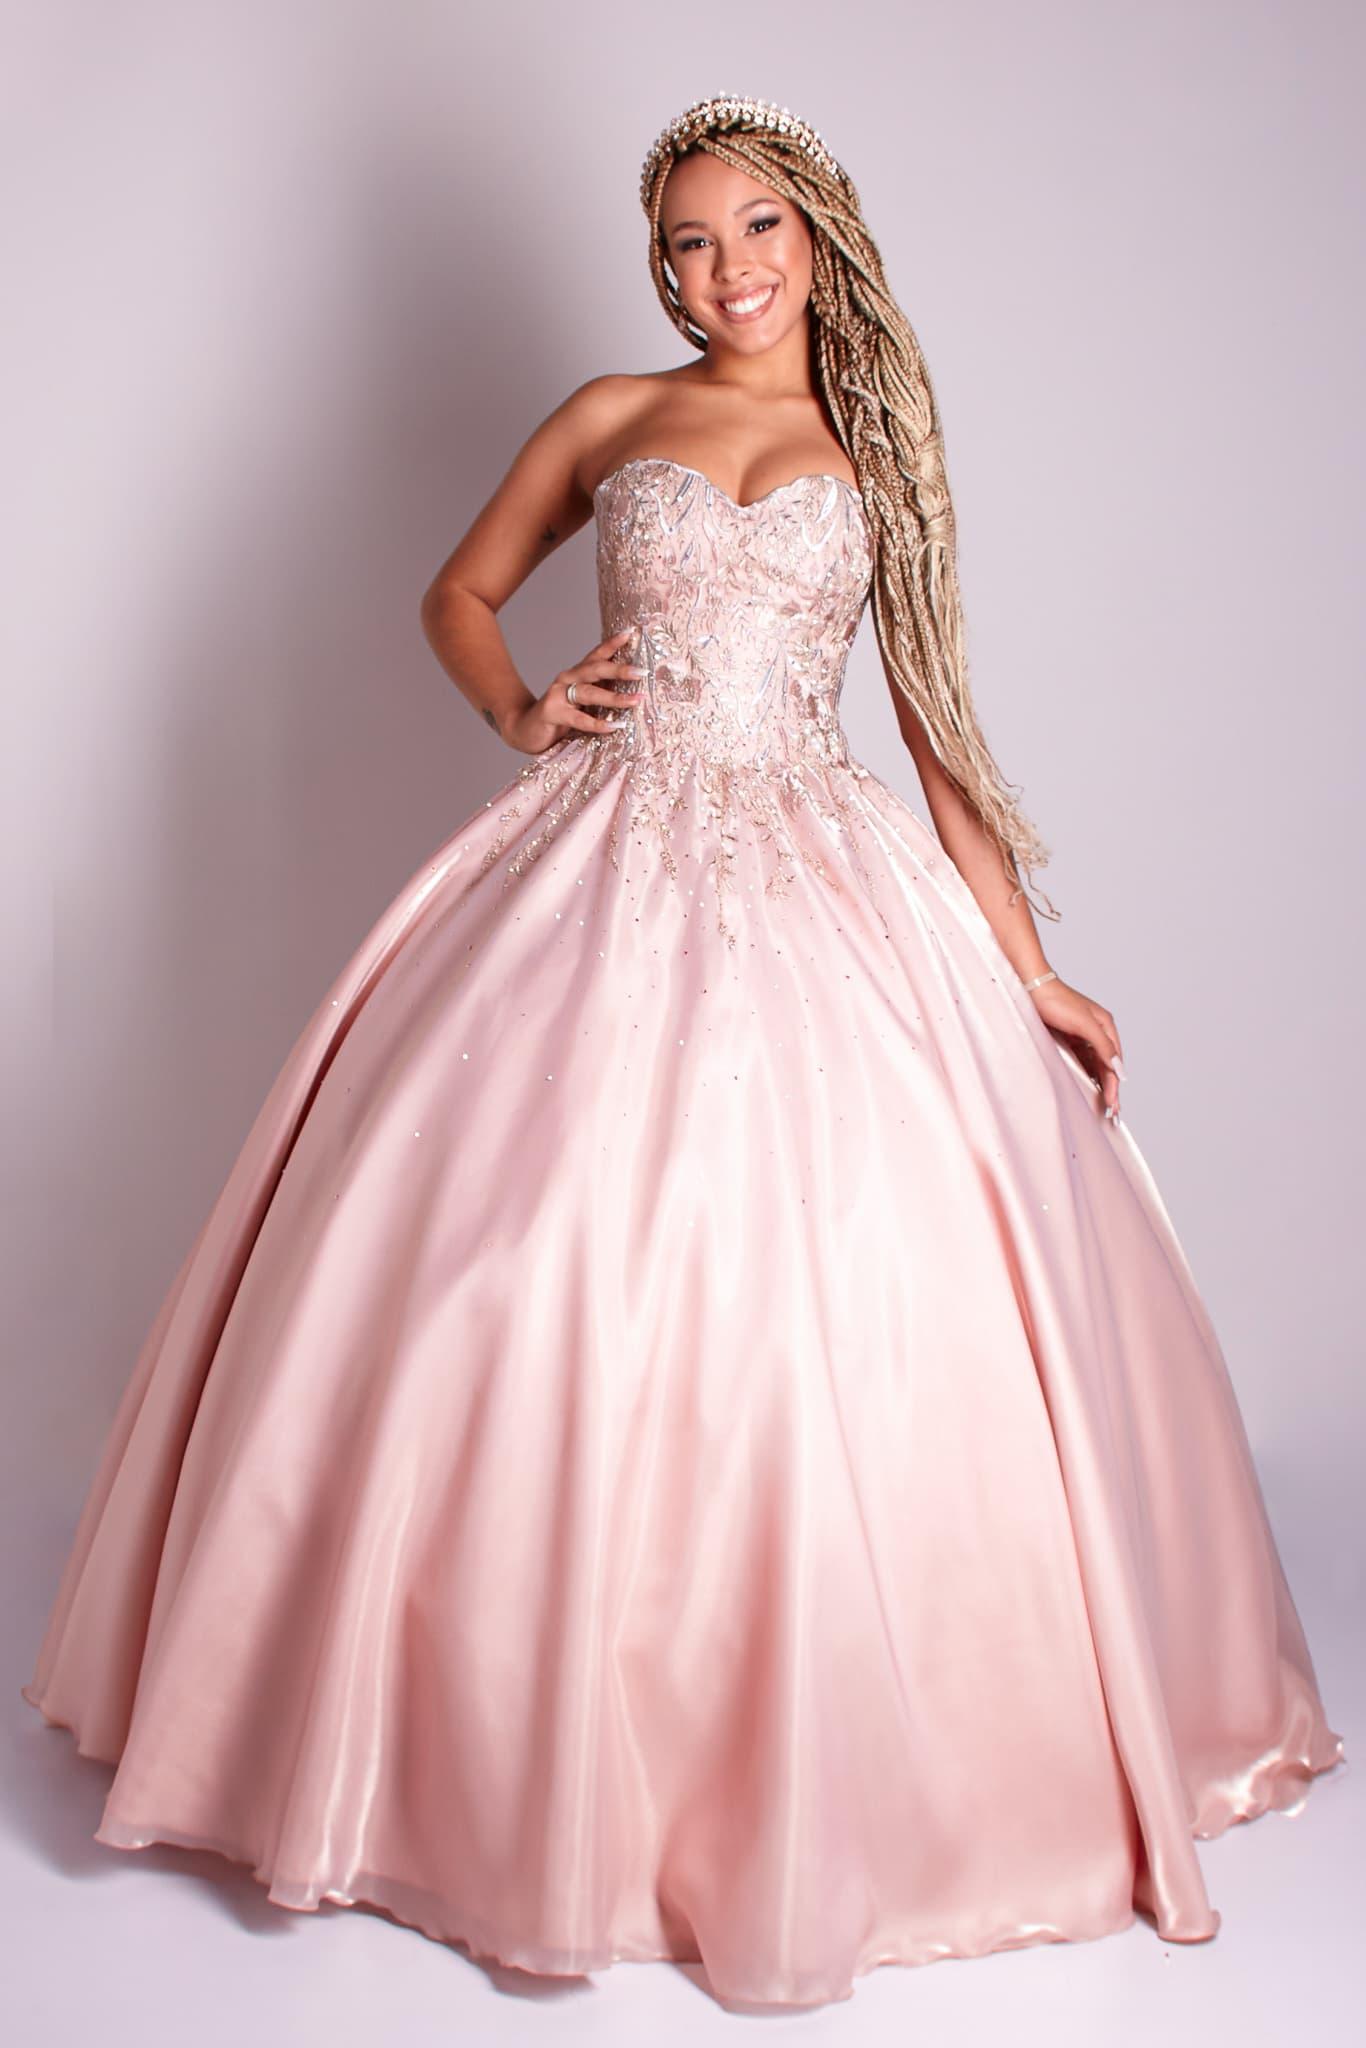 16 - Vestido rosê com aplicações de rendas florais